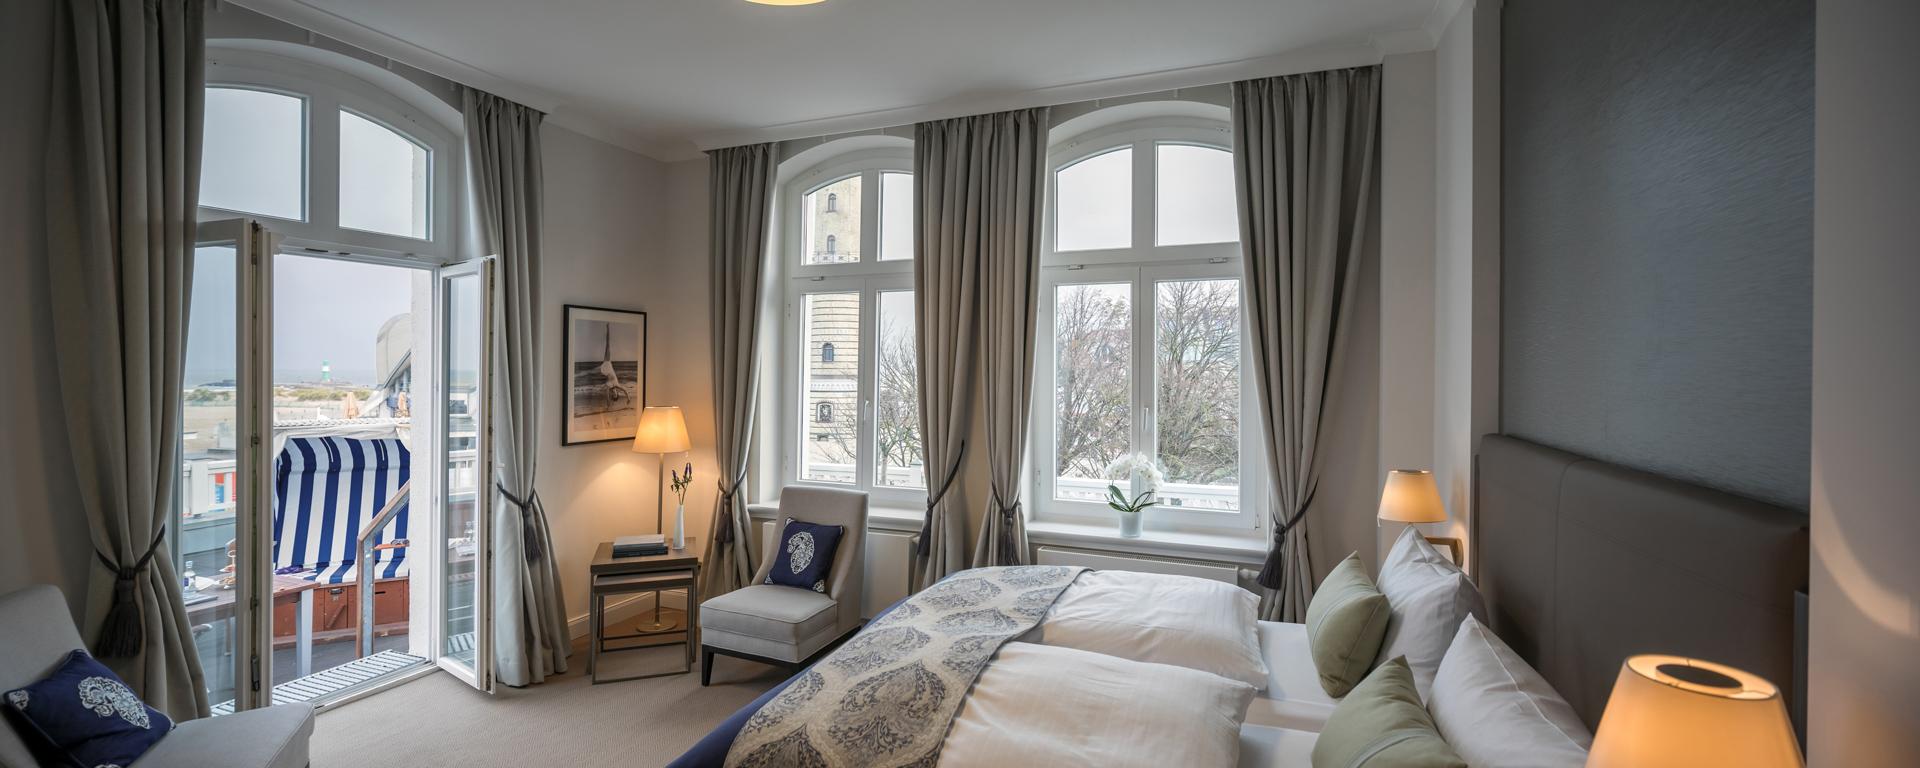 Ein Zimmer im Hotel am Leuchtturm in Warnemünde